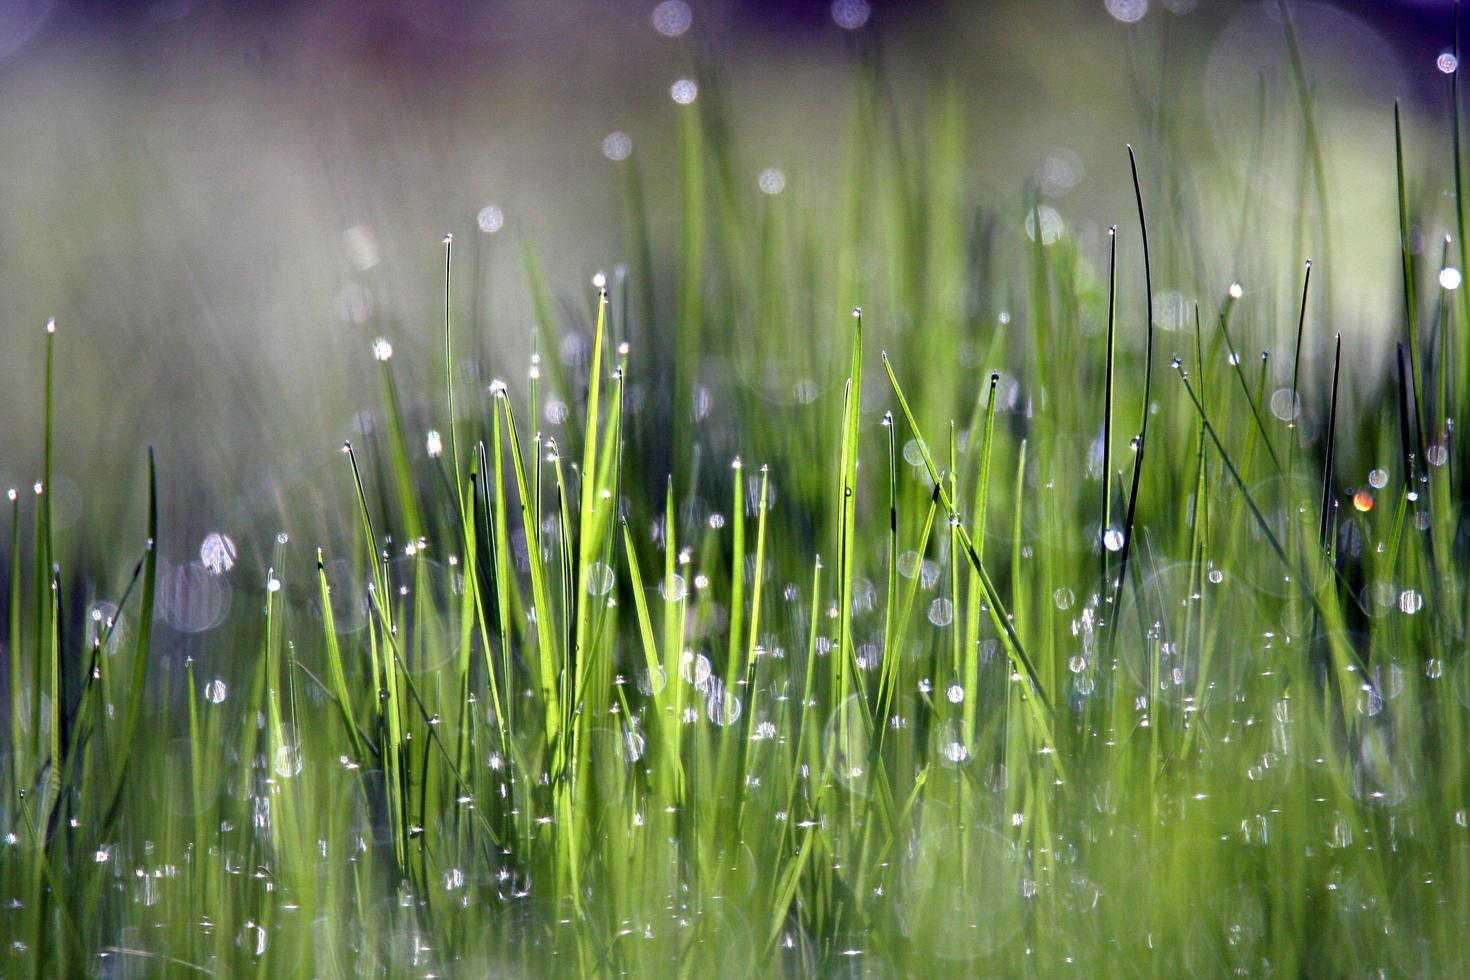 pluie tombant sur l'herbe verte photo